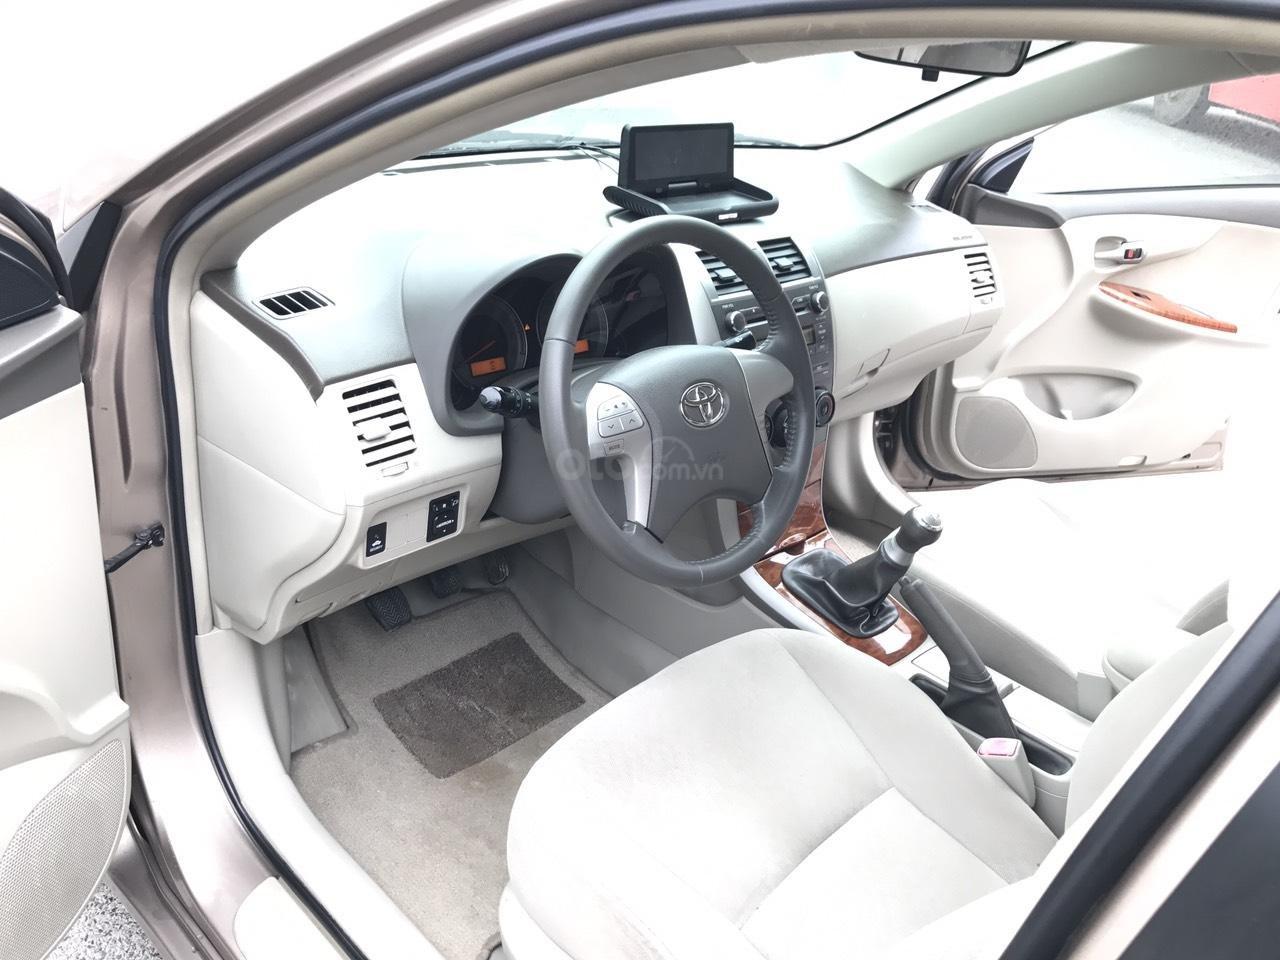 Bán ô tô Toyota Corolla Altis 1.8G năm sản xuất 2009, màu nâu Cafe, 1 chủ biển 4 số mới (4)